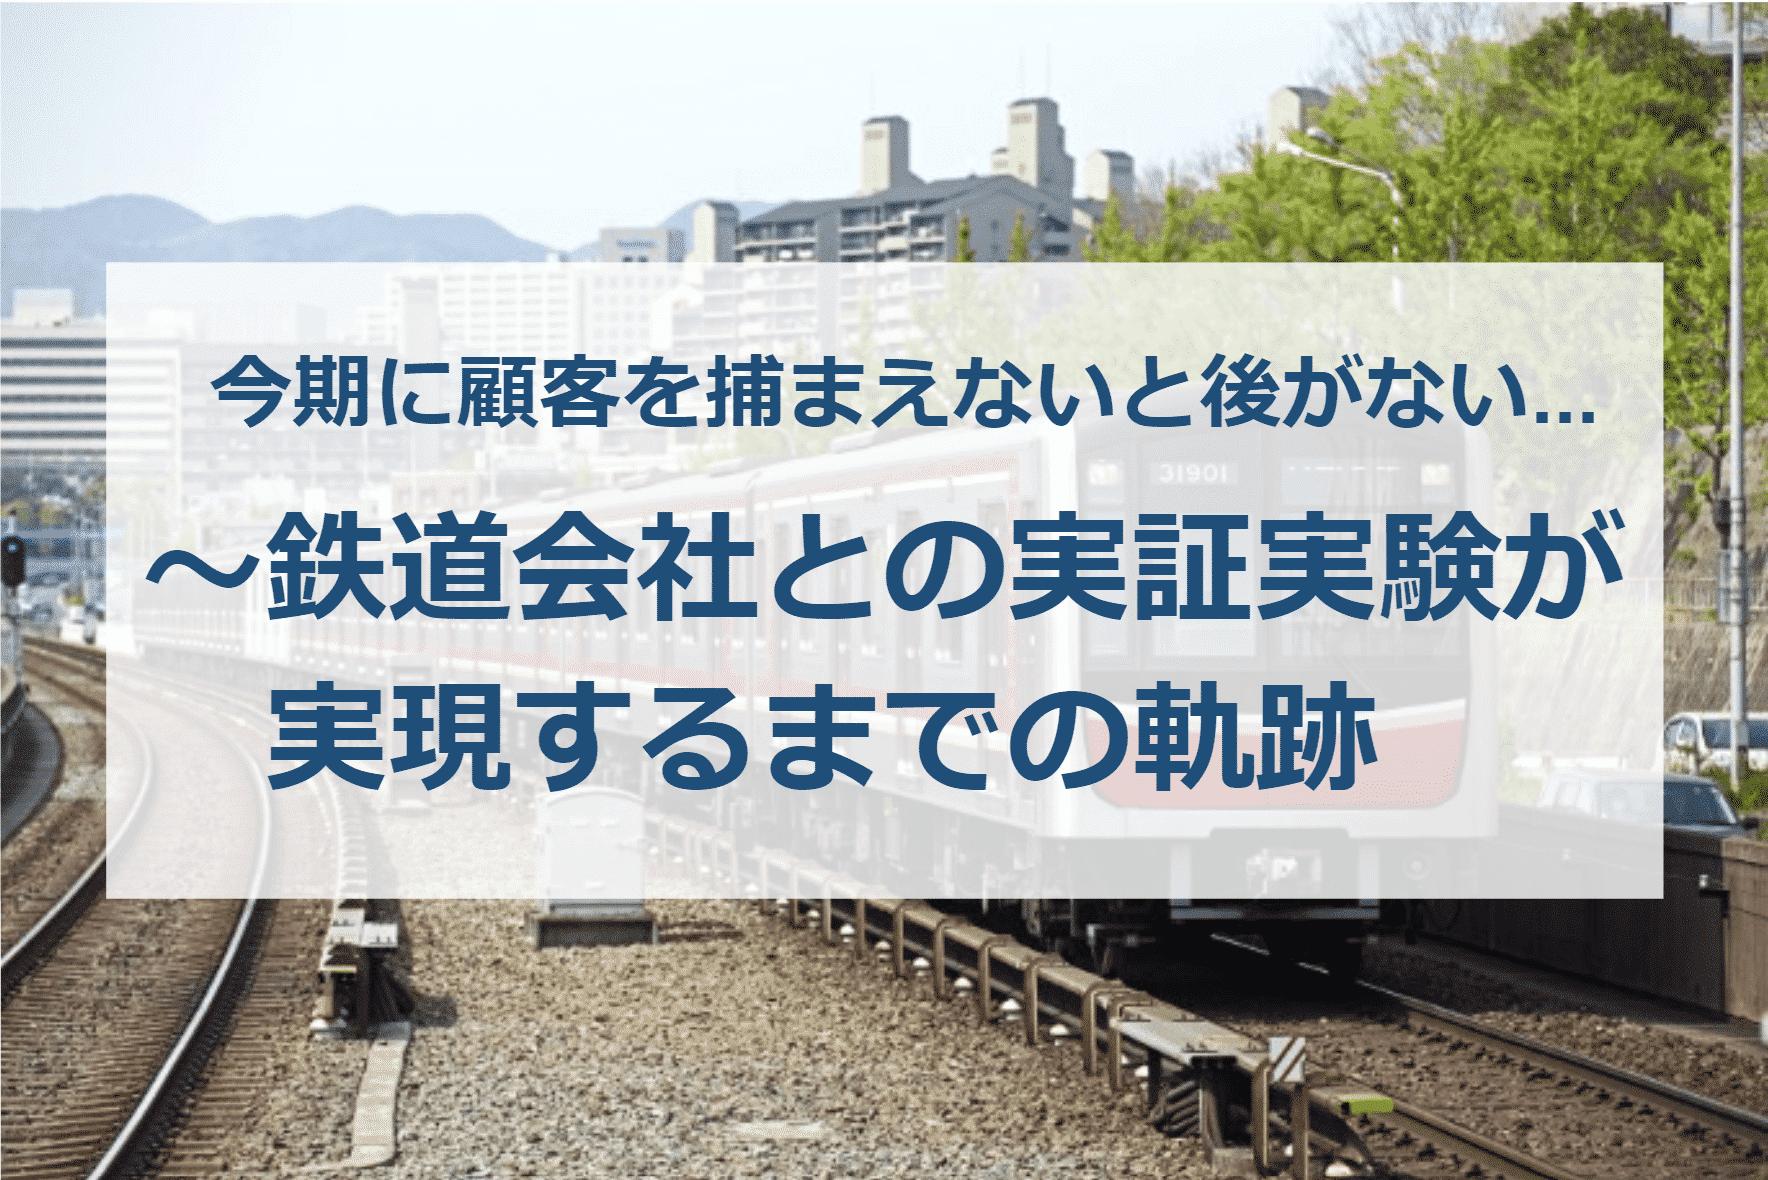 鉄道会社との実証実験が実現するまでの軌跡